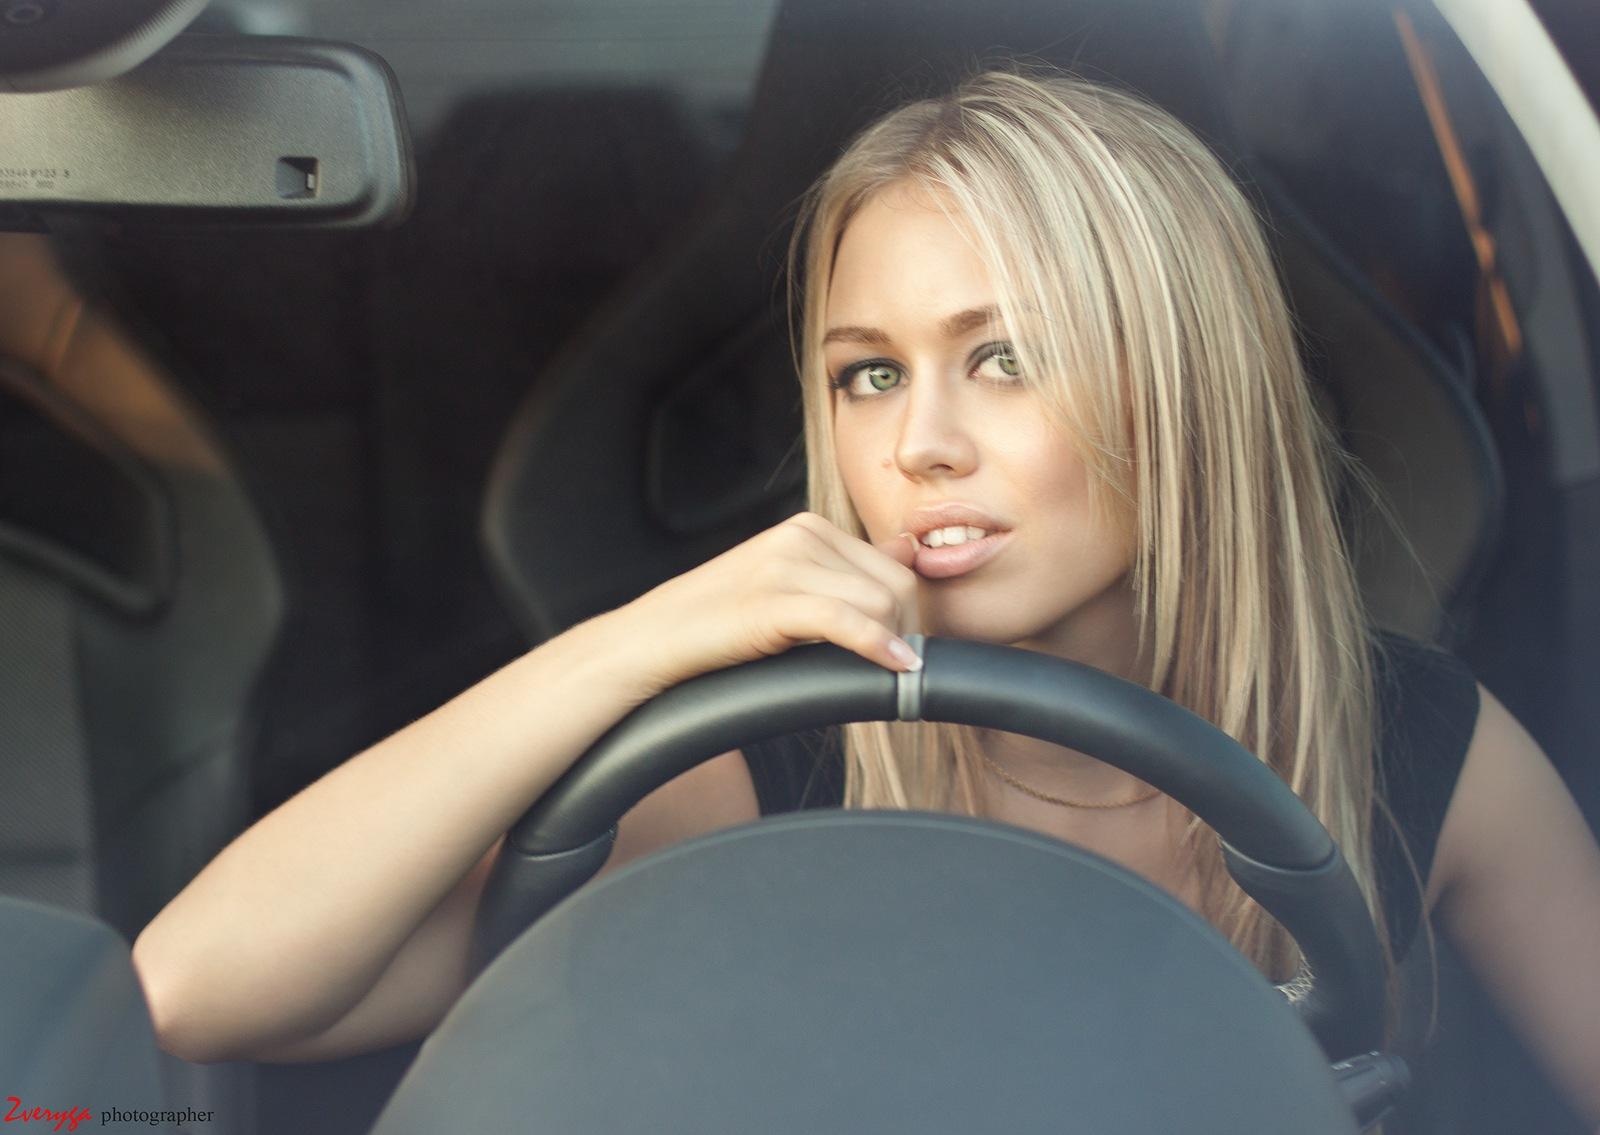 Хозяйка водитель секс, Накаченный водитель трахает свою хозяйку в машине 13 фотография